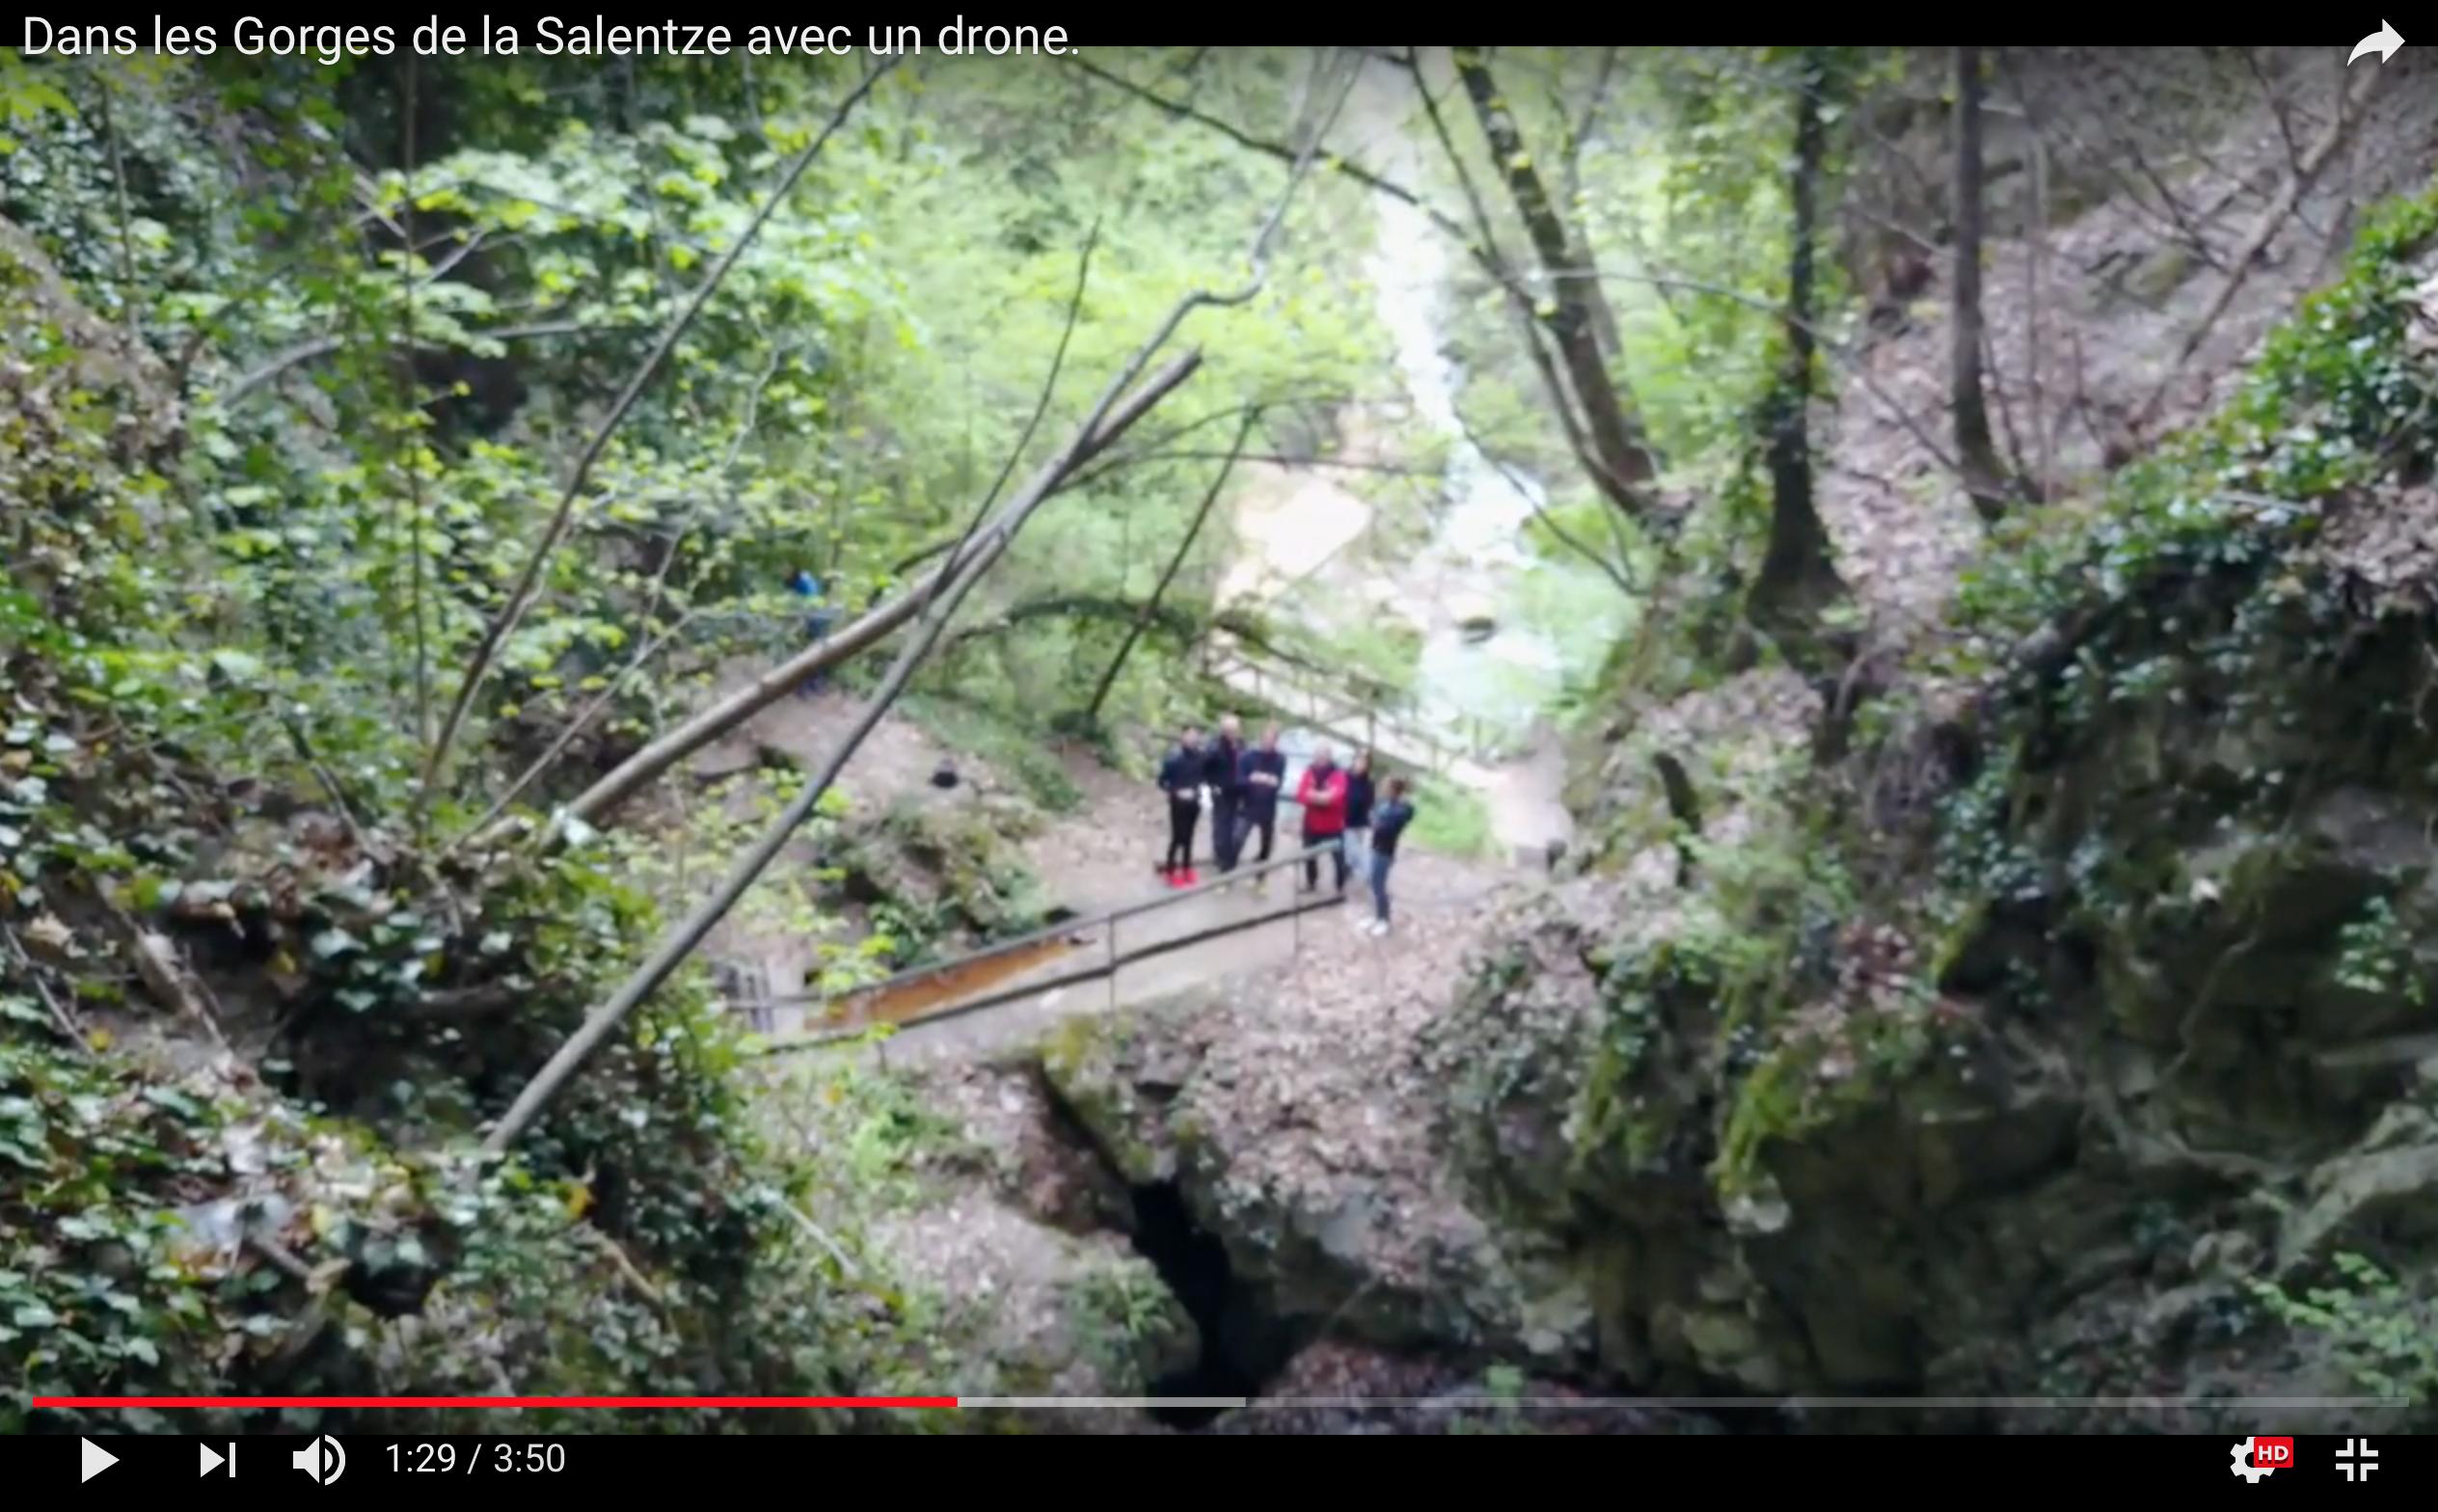 Dans les gorges de Saillon avec un drone